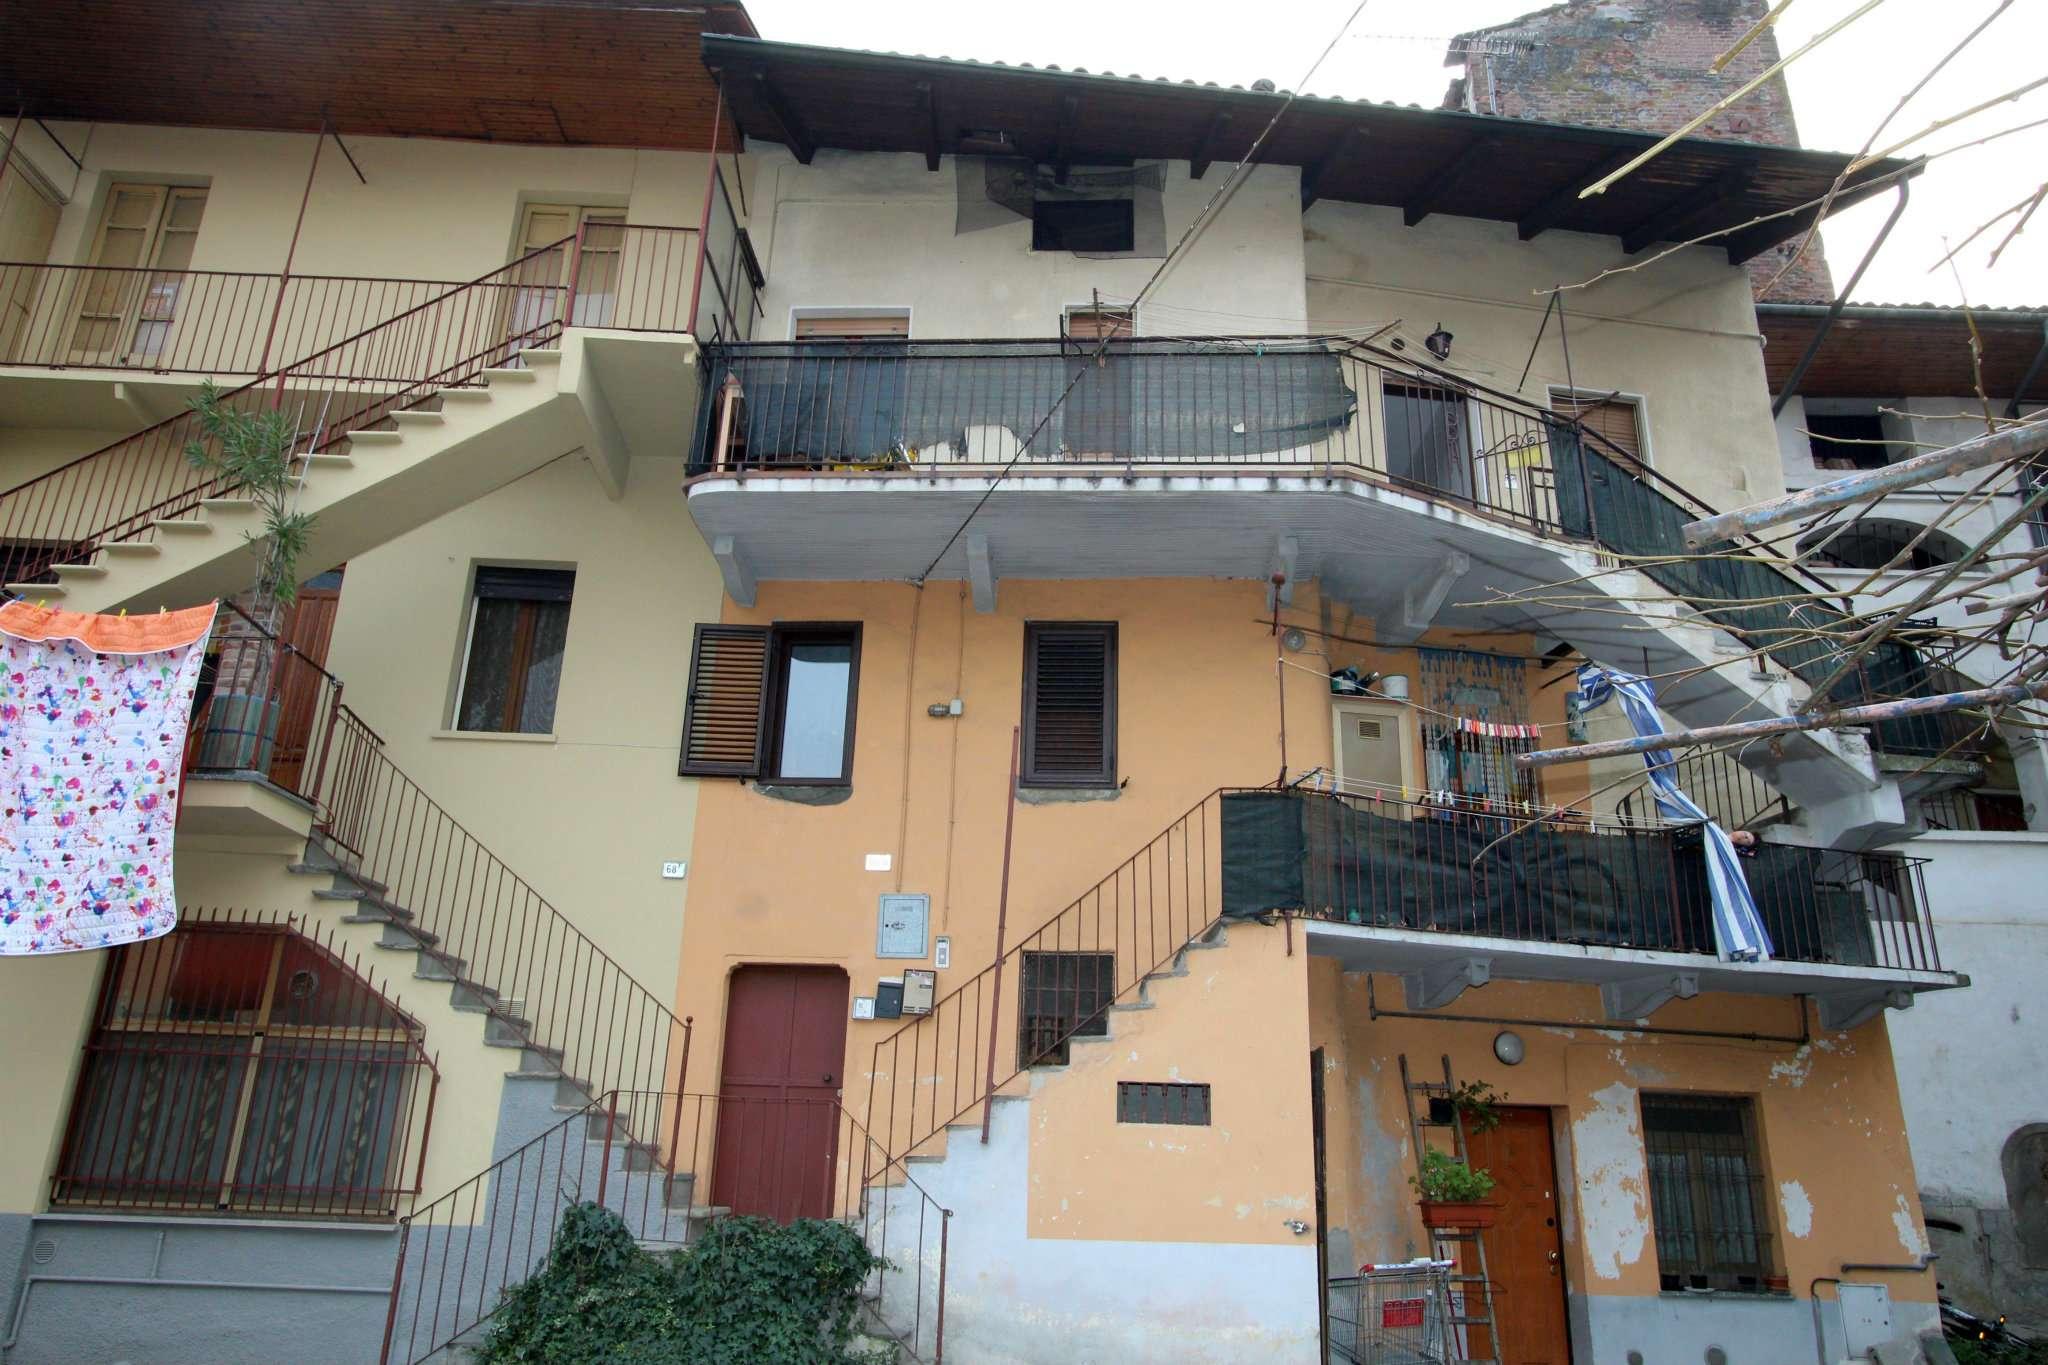 Immobile a Sant'Ambrogio di Torino